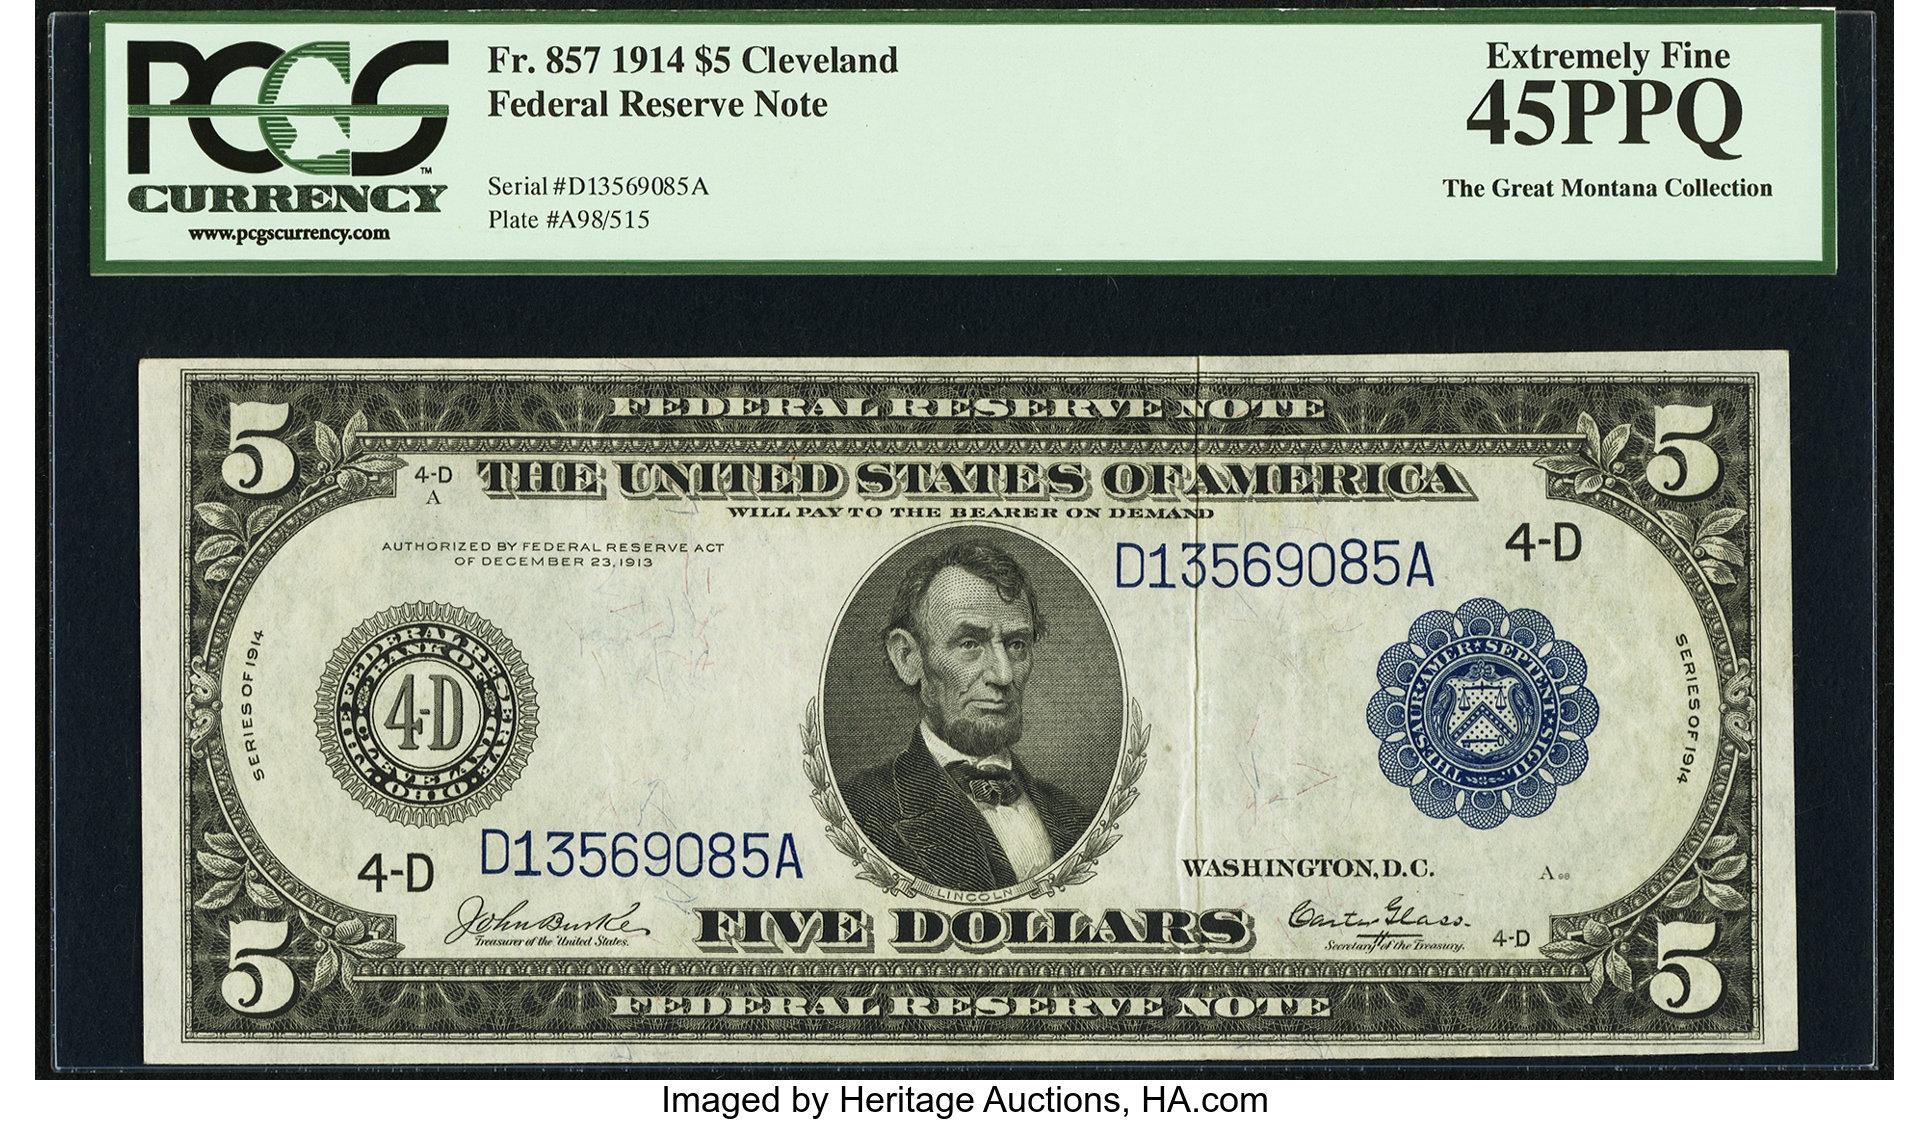 sample image for Fr.857 $5 Cleveland